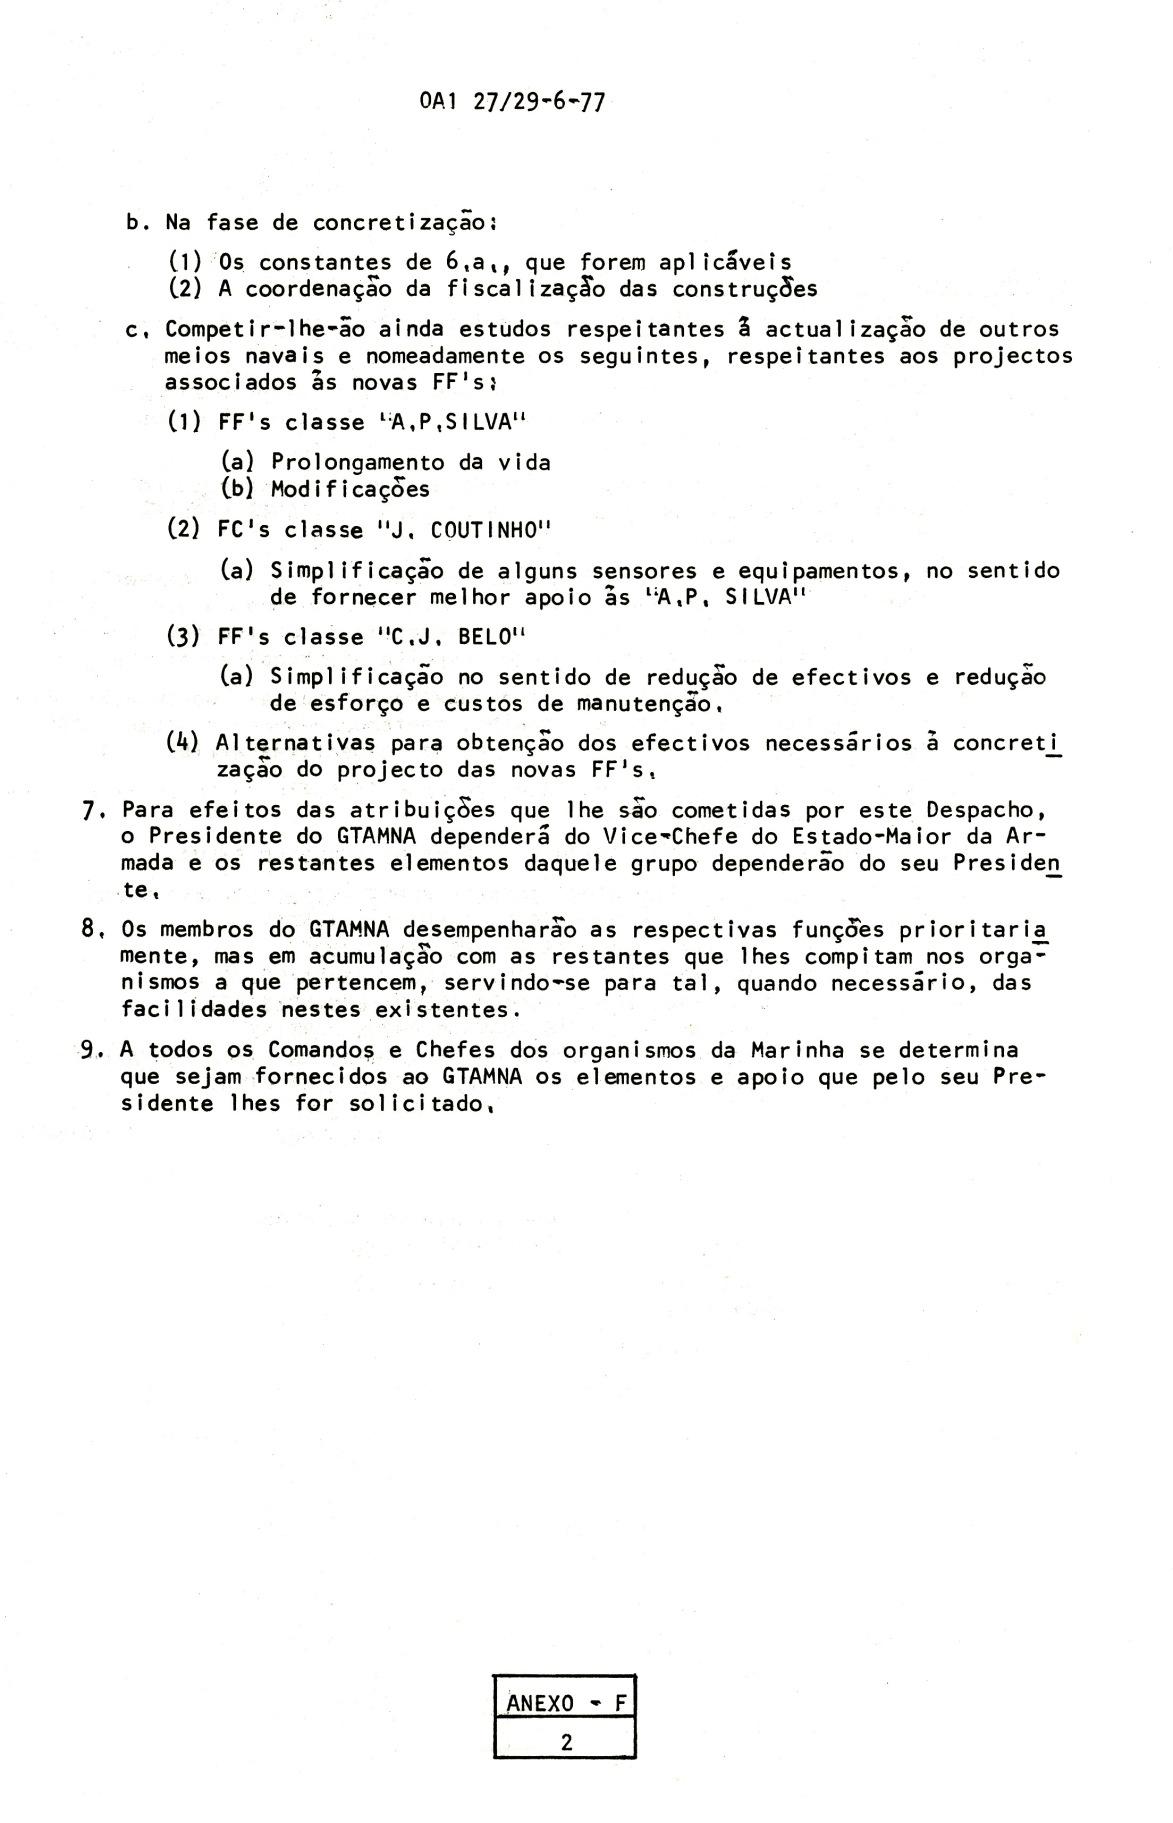 00822 977-06-23 Nomeação sob minha Presidência dum Grupo de Trabalho de Actualização dos Meios Navais -OA1 27 de 29-6 Anexo F pg 2